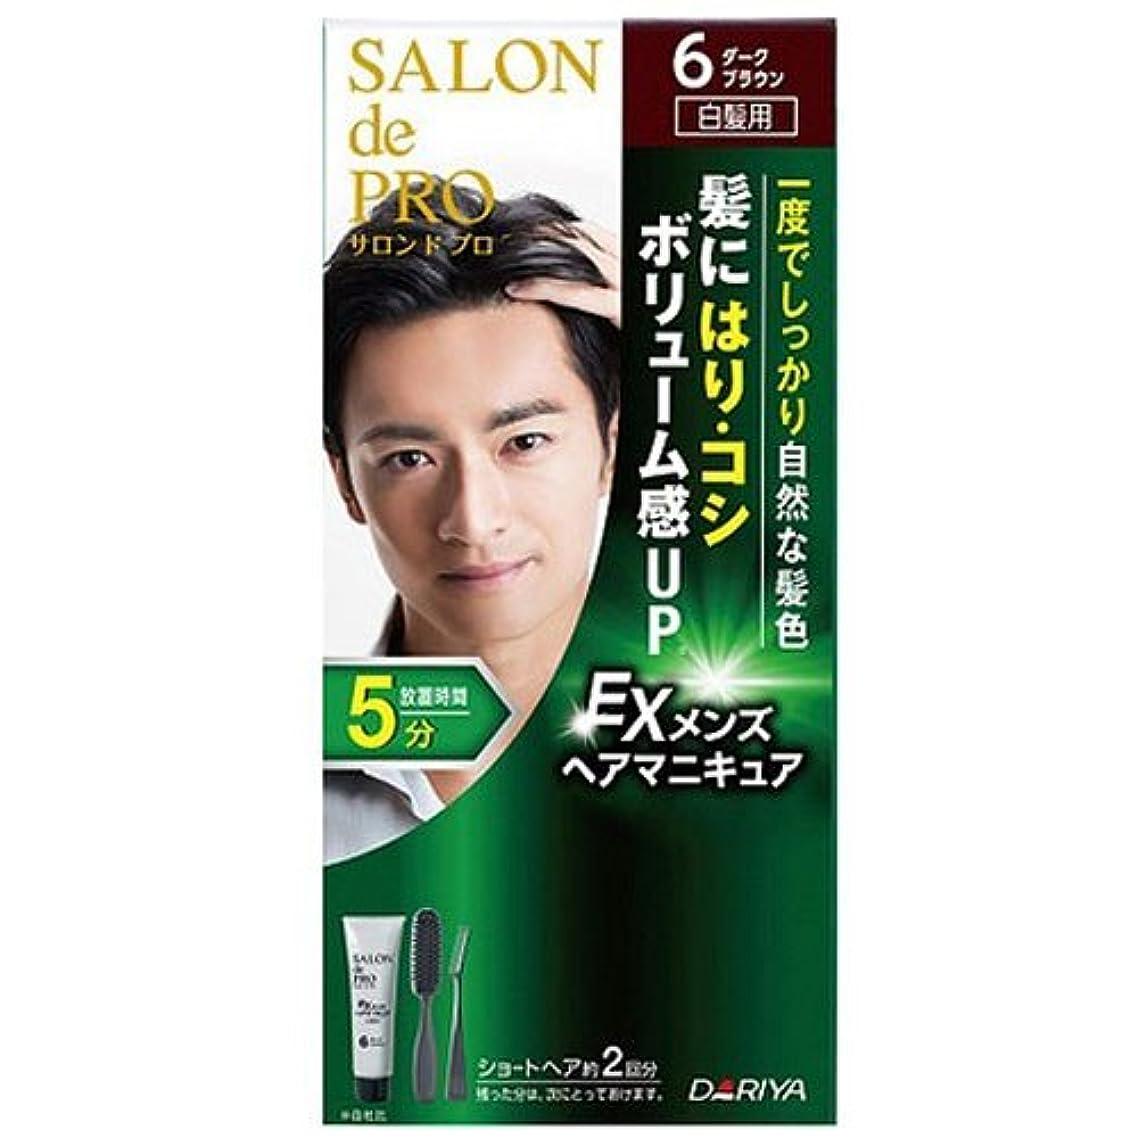 鰐アンソロジー体サロンドプロ EXメンズヘアマニキュア 白髪用 6 ダークブラウン